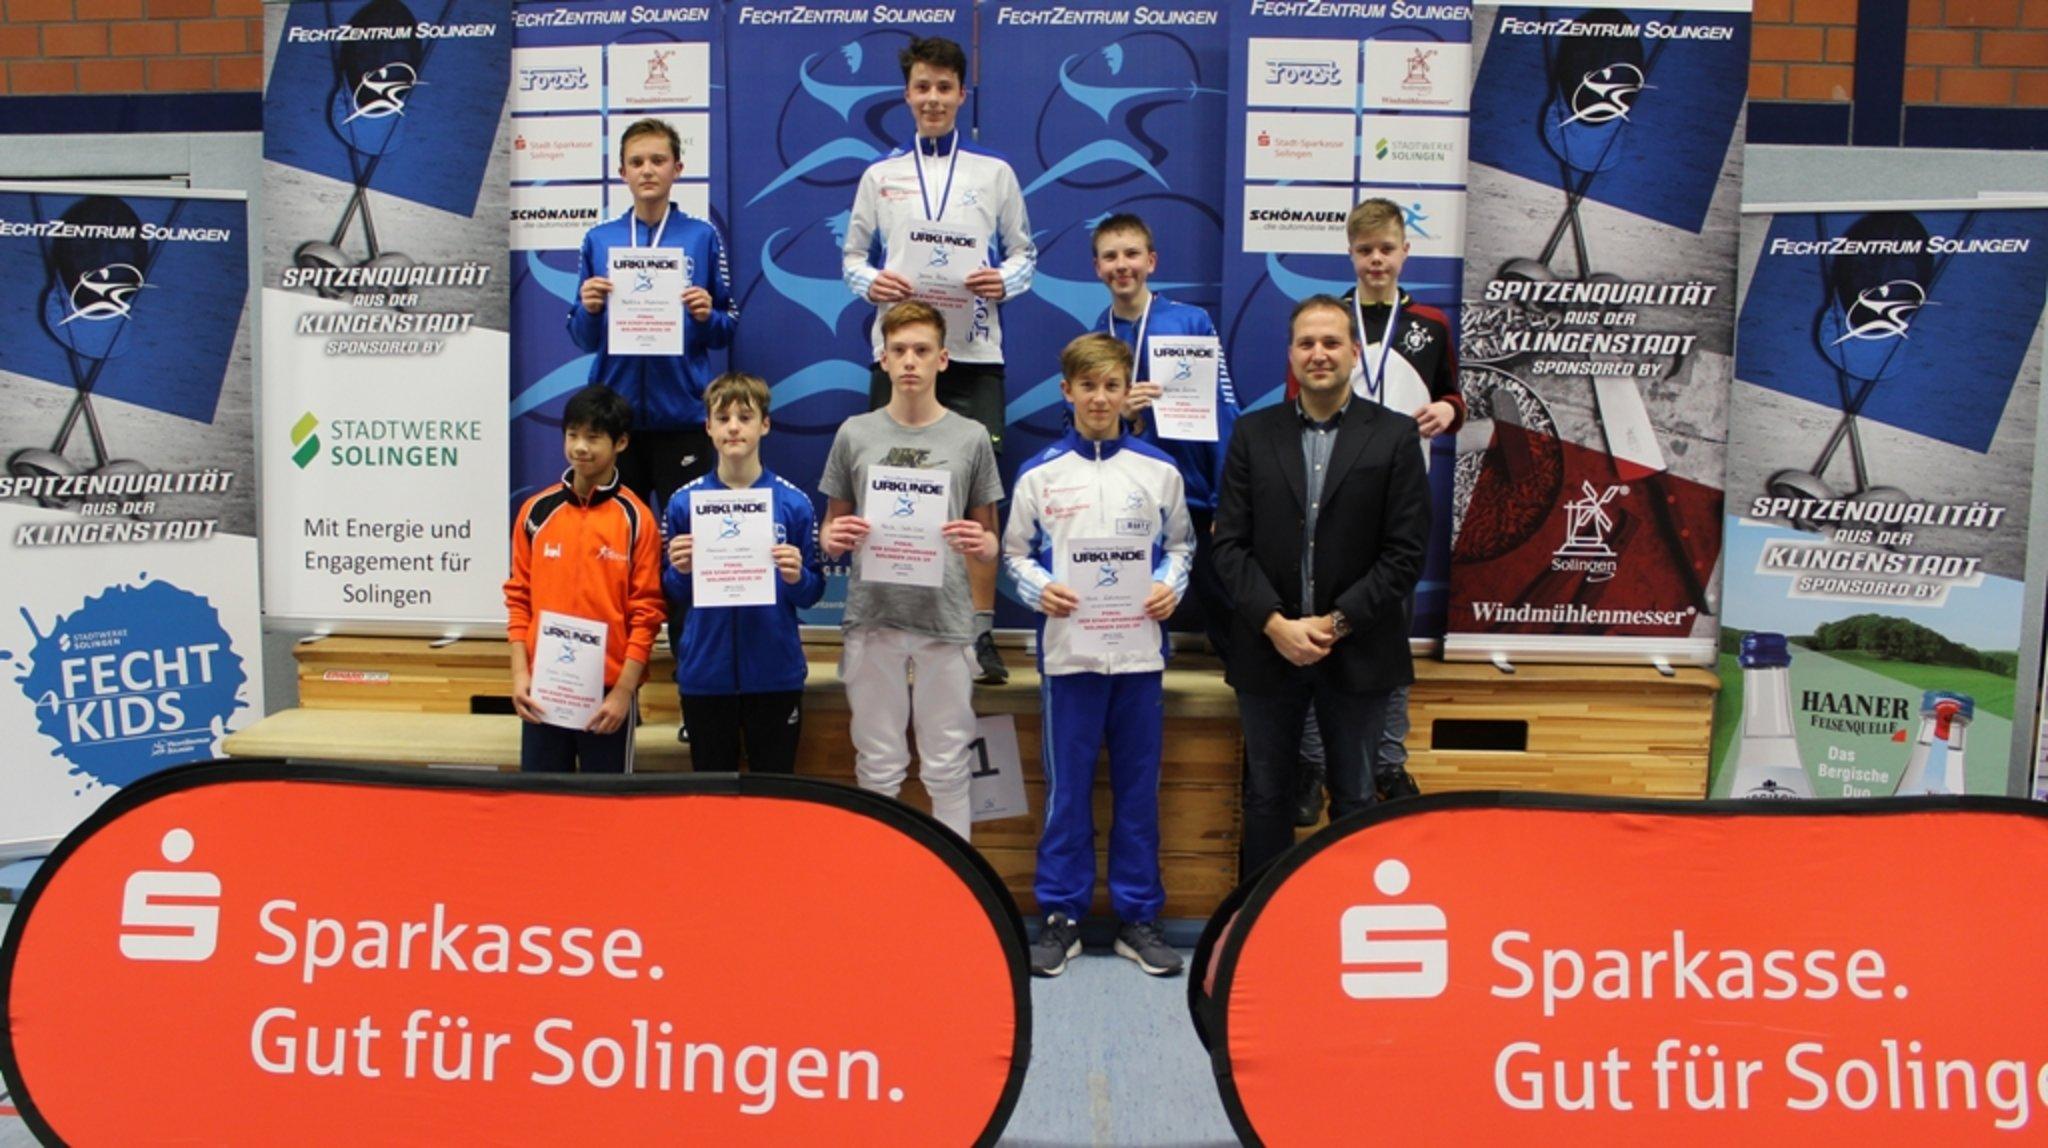 Solinger Fechtturnier 2019: Jarnu Pelz gewinnt Gold - Hilden - Lokalkompass.de